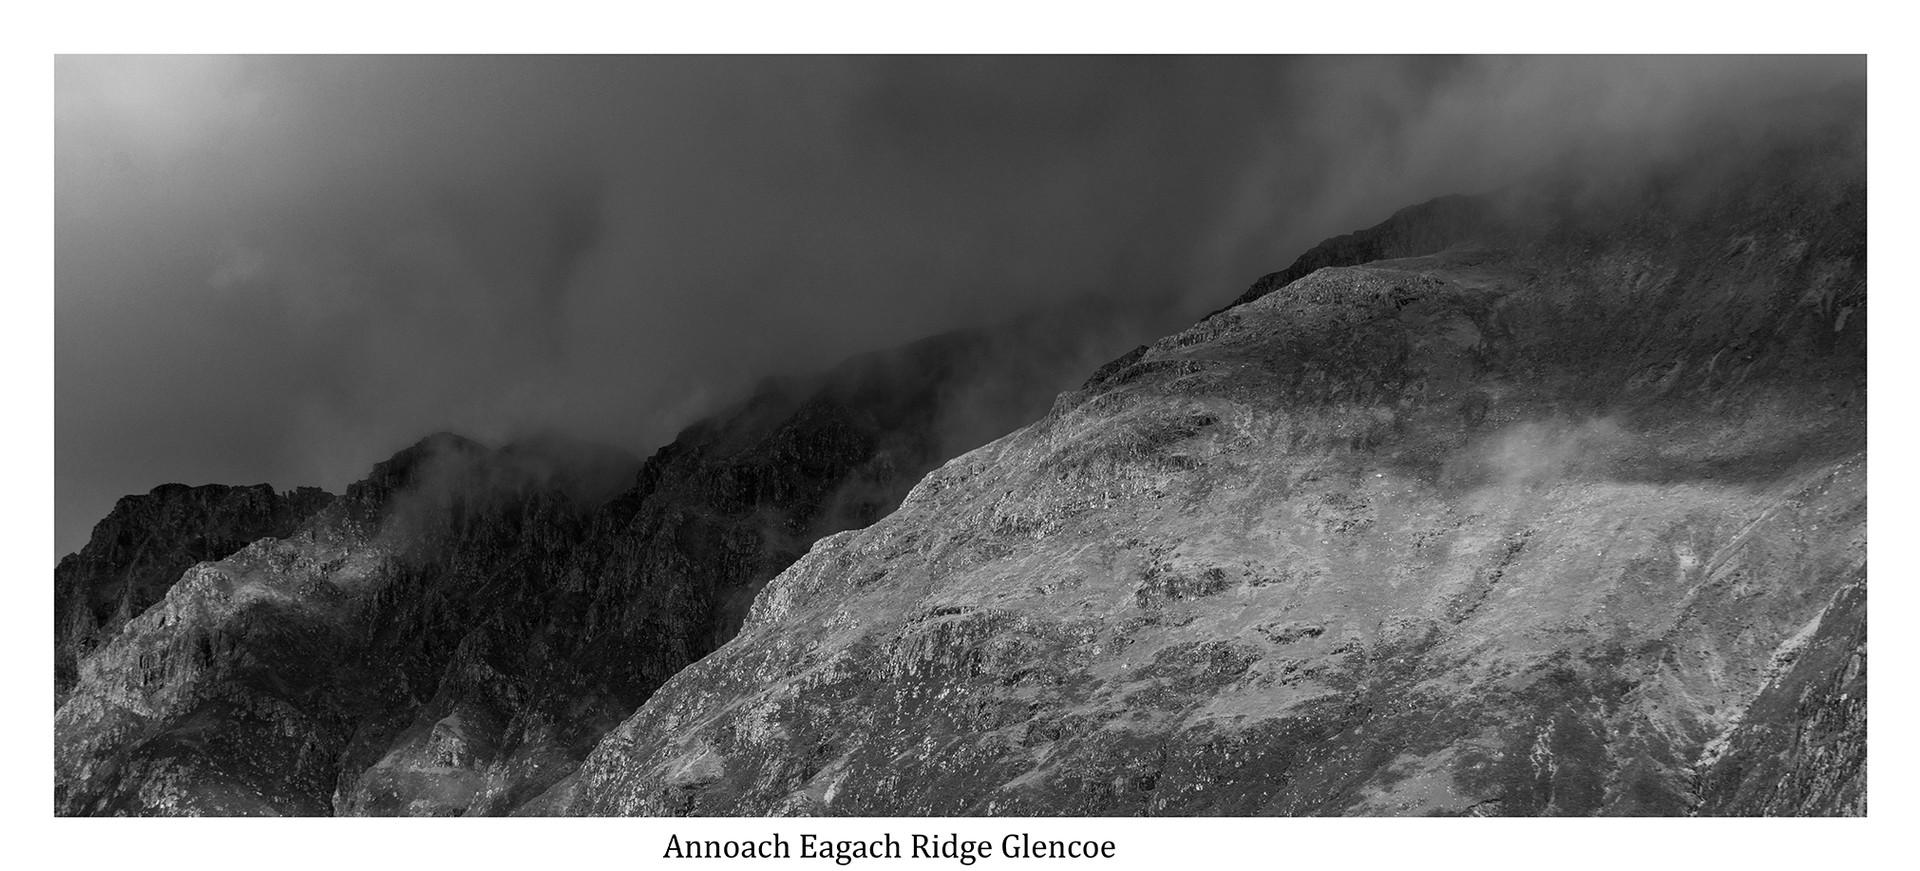 The ridge - Aonach Eagach